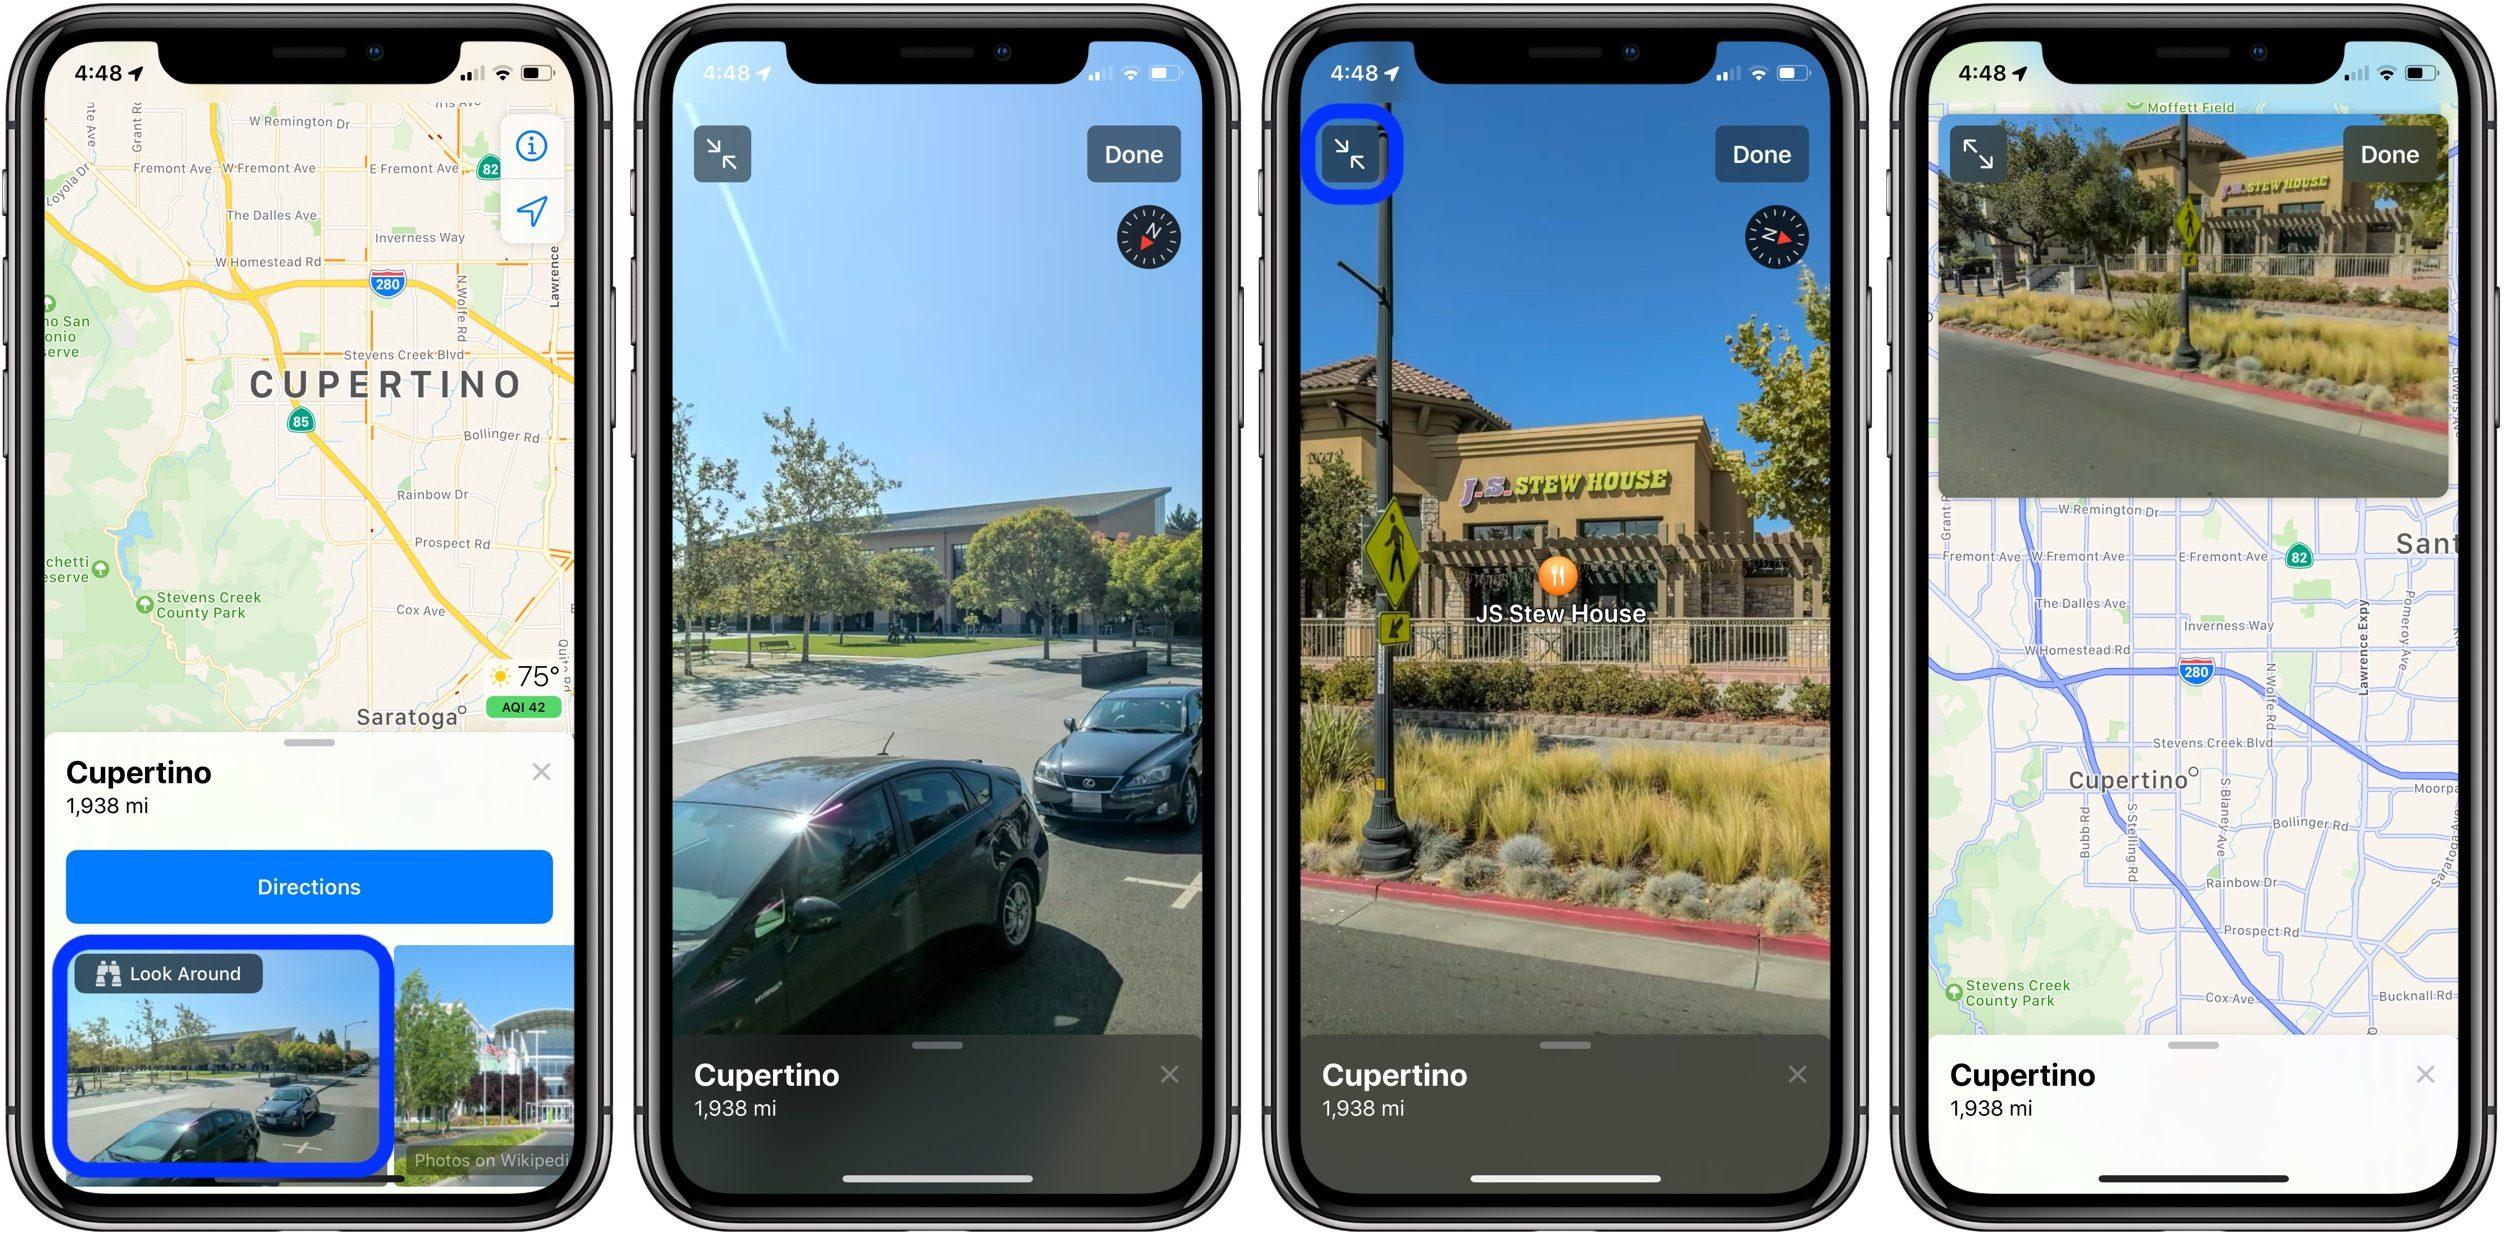 Apple circula 80 vehículos con cámara en ciudades de Alemania 2